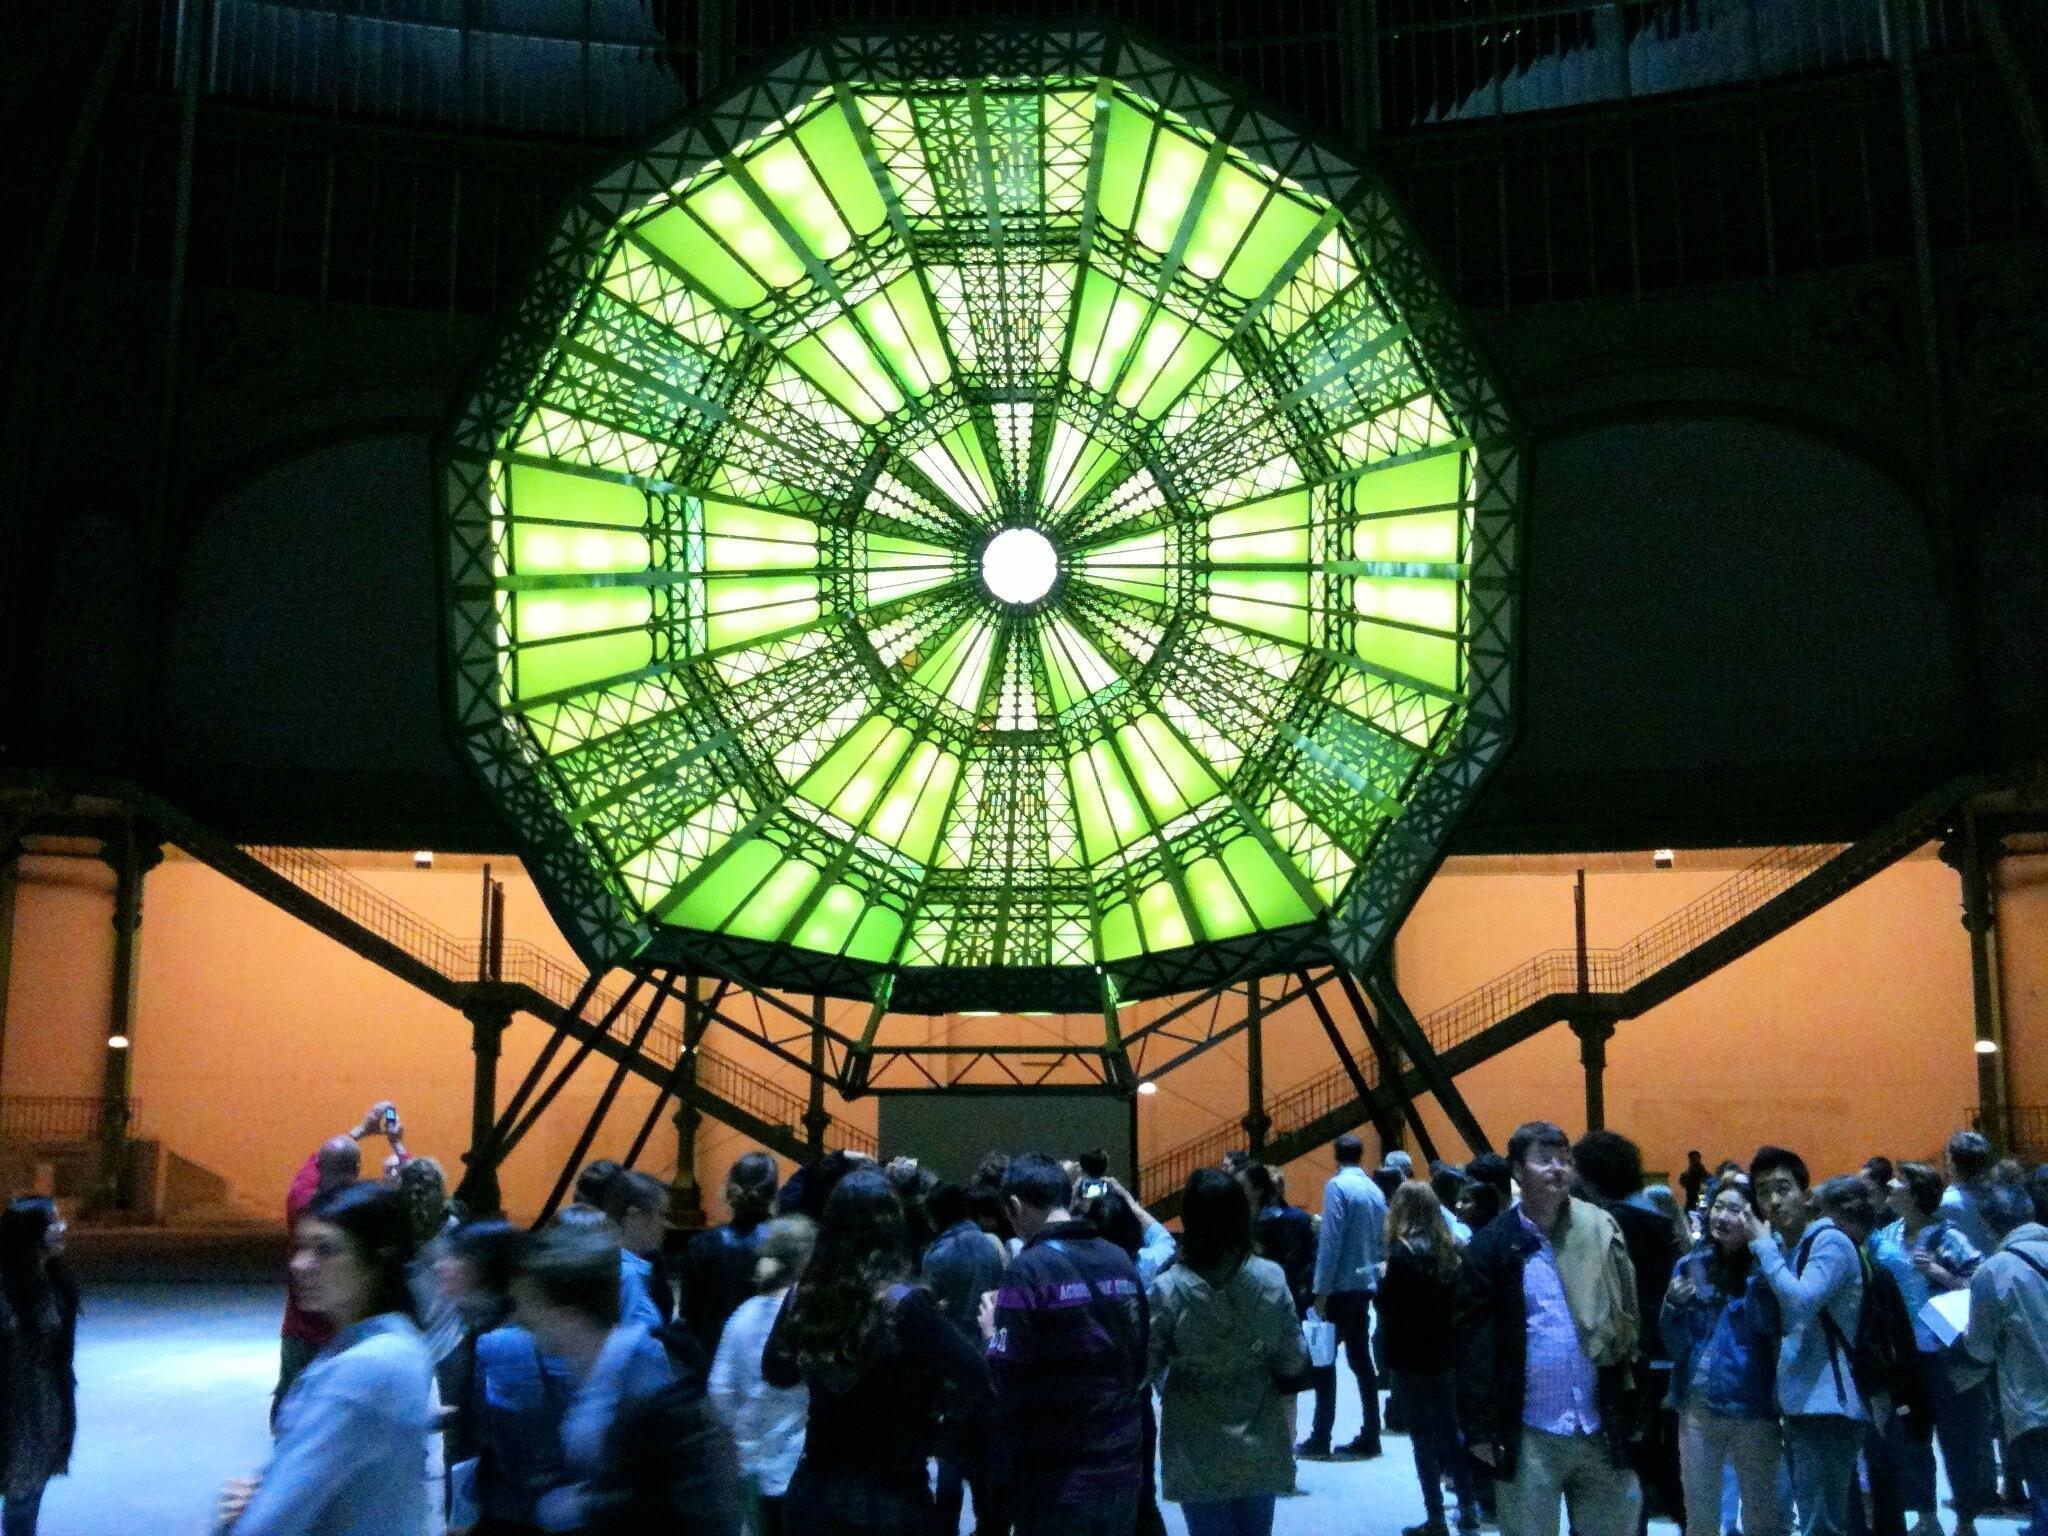 «Монумента 2014» : опрокинутый купол со светомузыкой наполнял пространство Гран-Пале звуками и светом